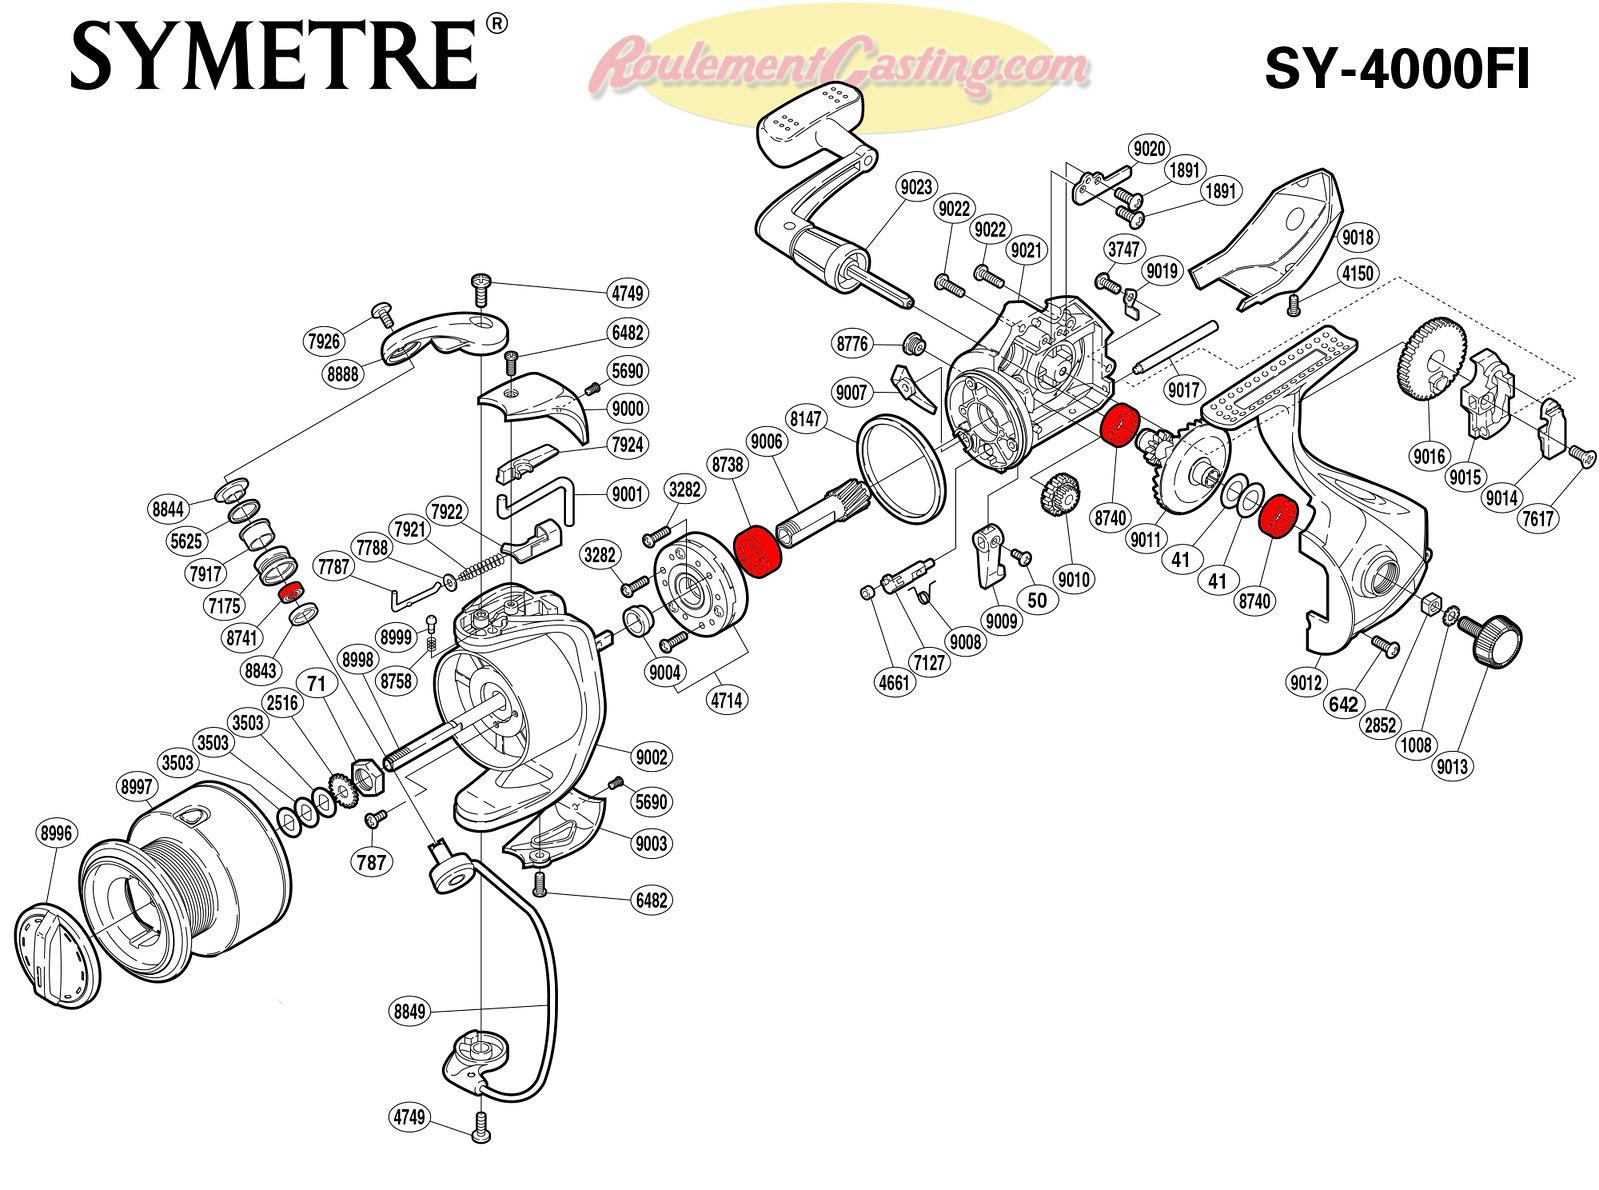 Schema-Symetre-4000FI